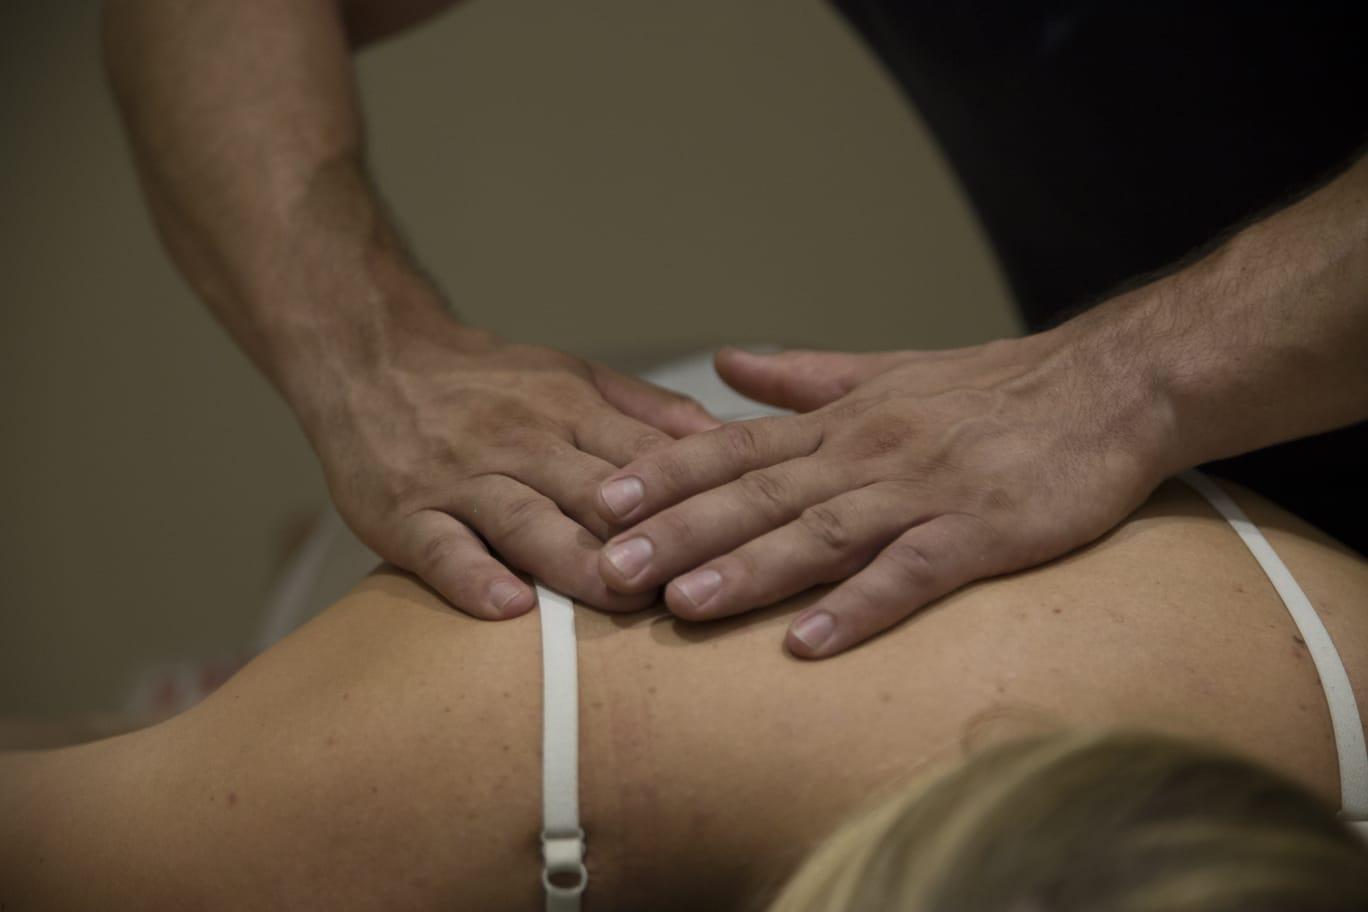 een fysio therapeutische behandeling bij fysiotherapie praktijk PUUR. Waar de therapeut de schouder masserd en mobiliseerd van de klant.